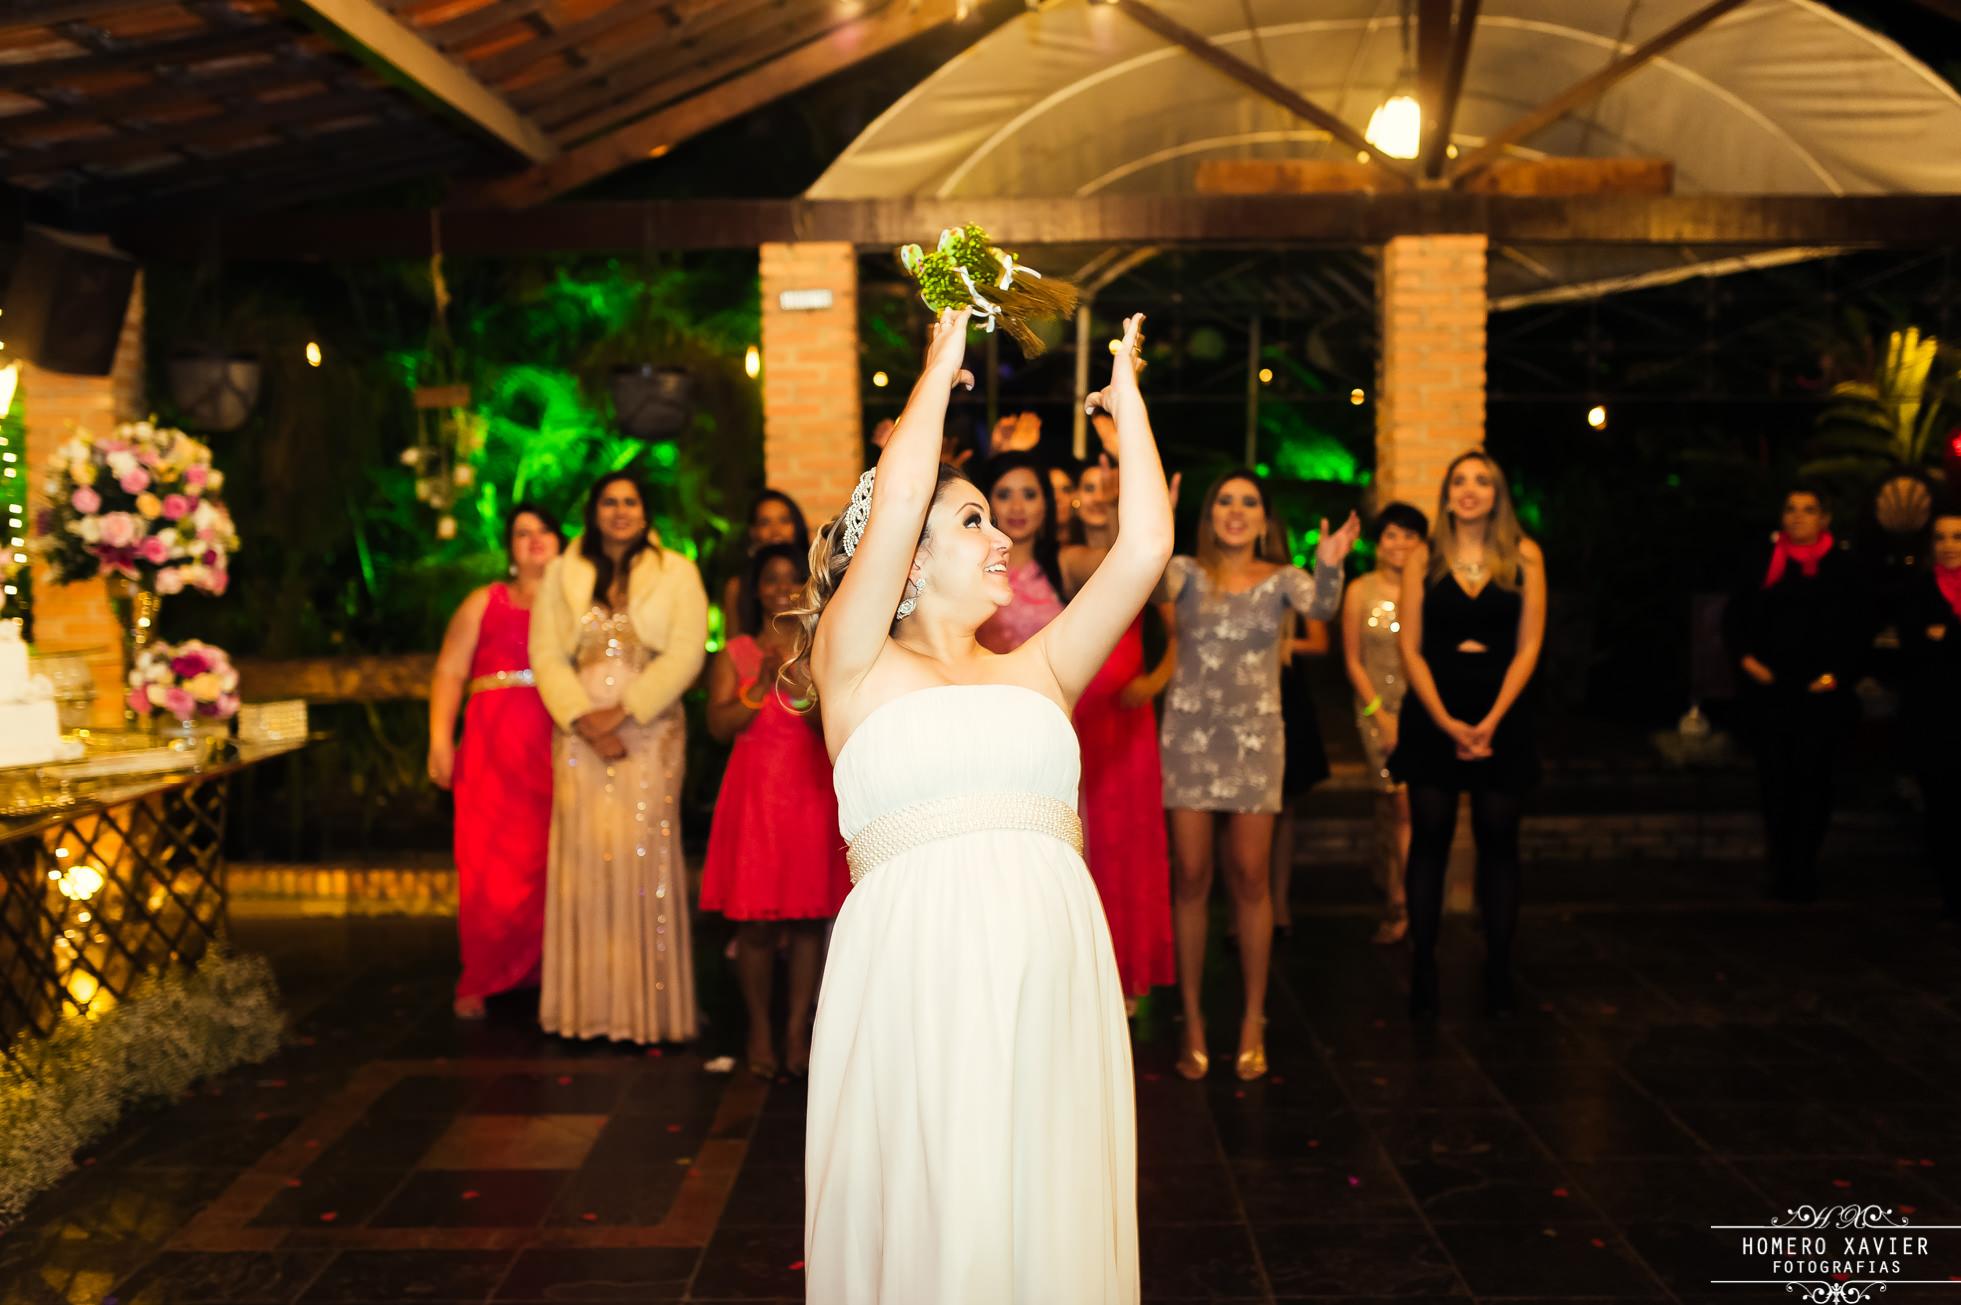 fotografia de festa de casamento Chácara de Minas em BH